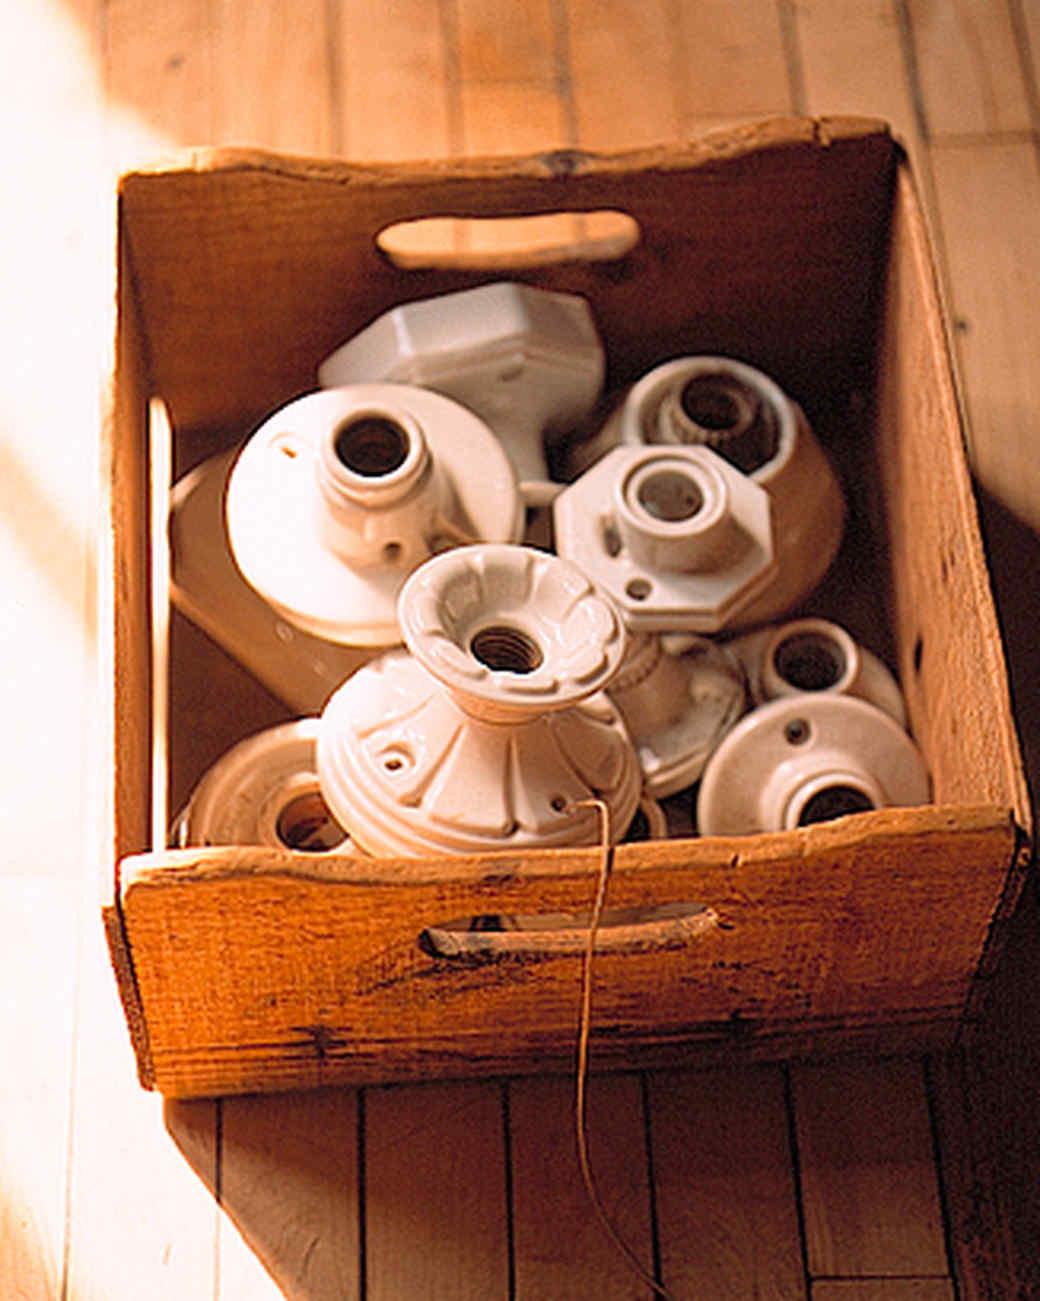 makeover-flea-market-finds-35-d98414-0915.jpg